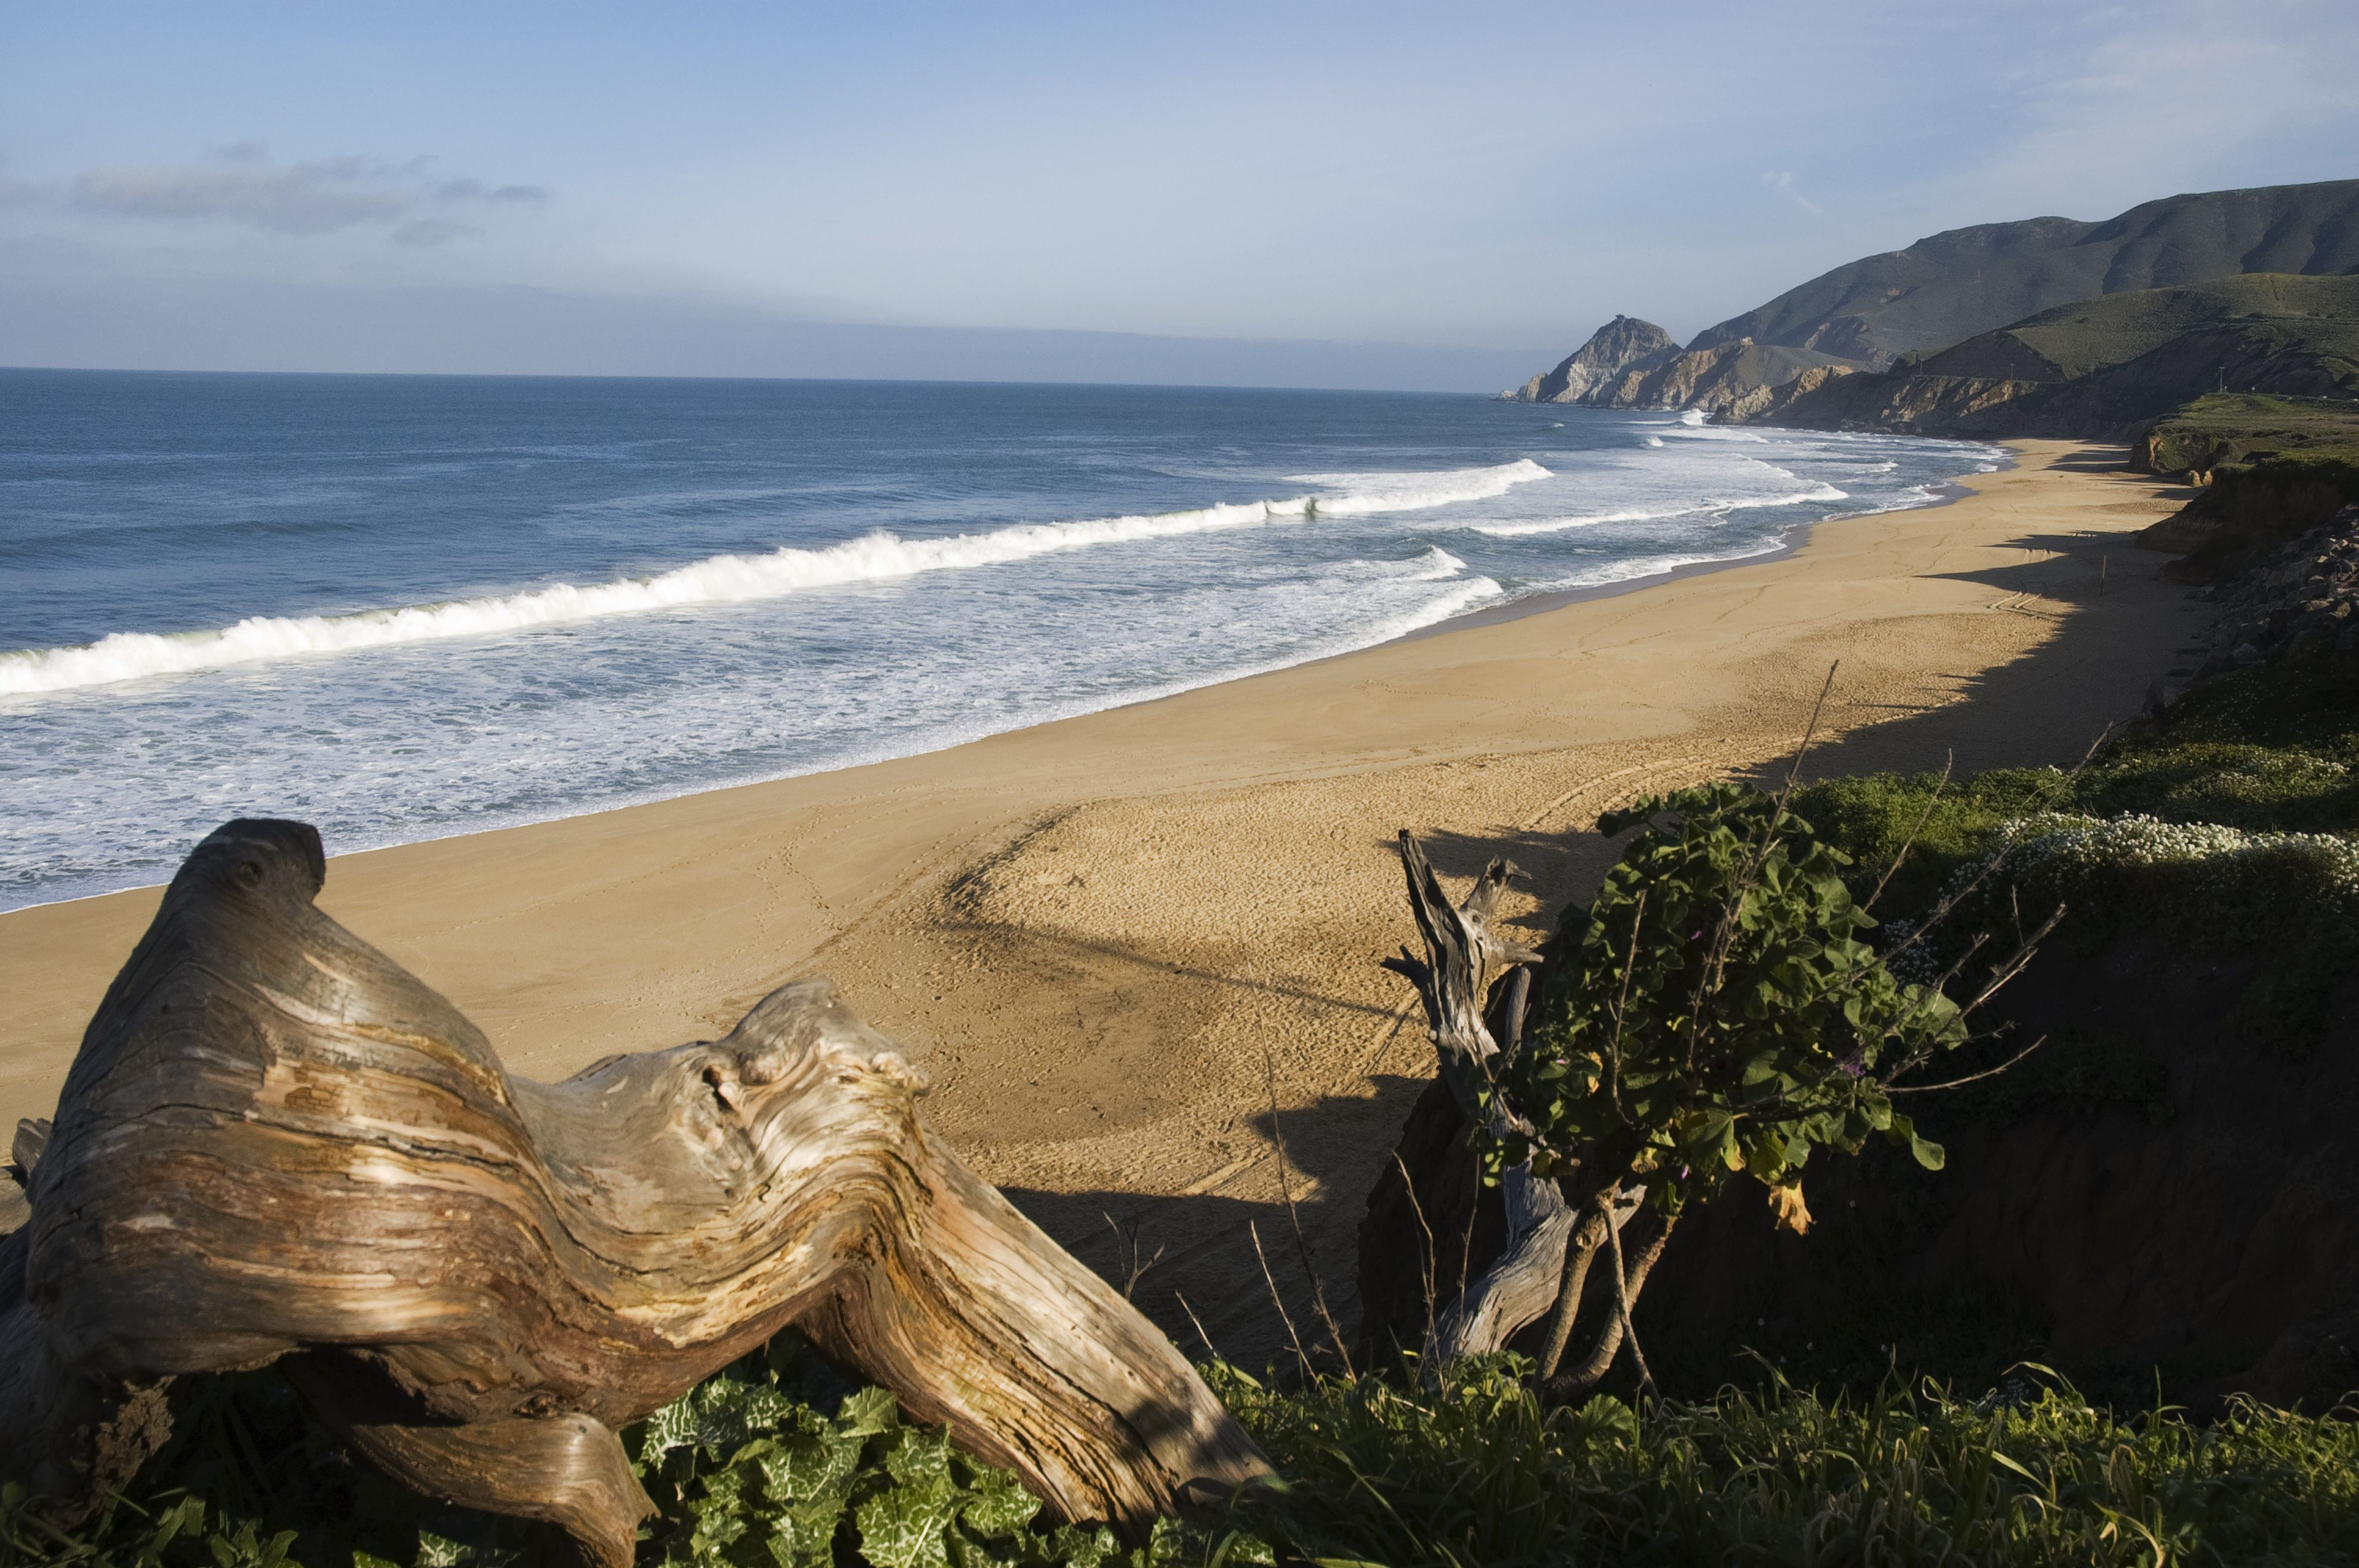 Montara State Beach surfing